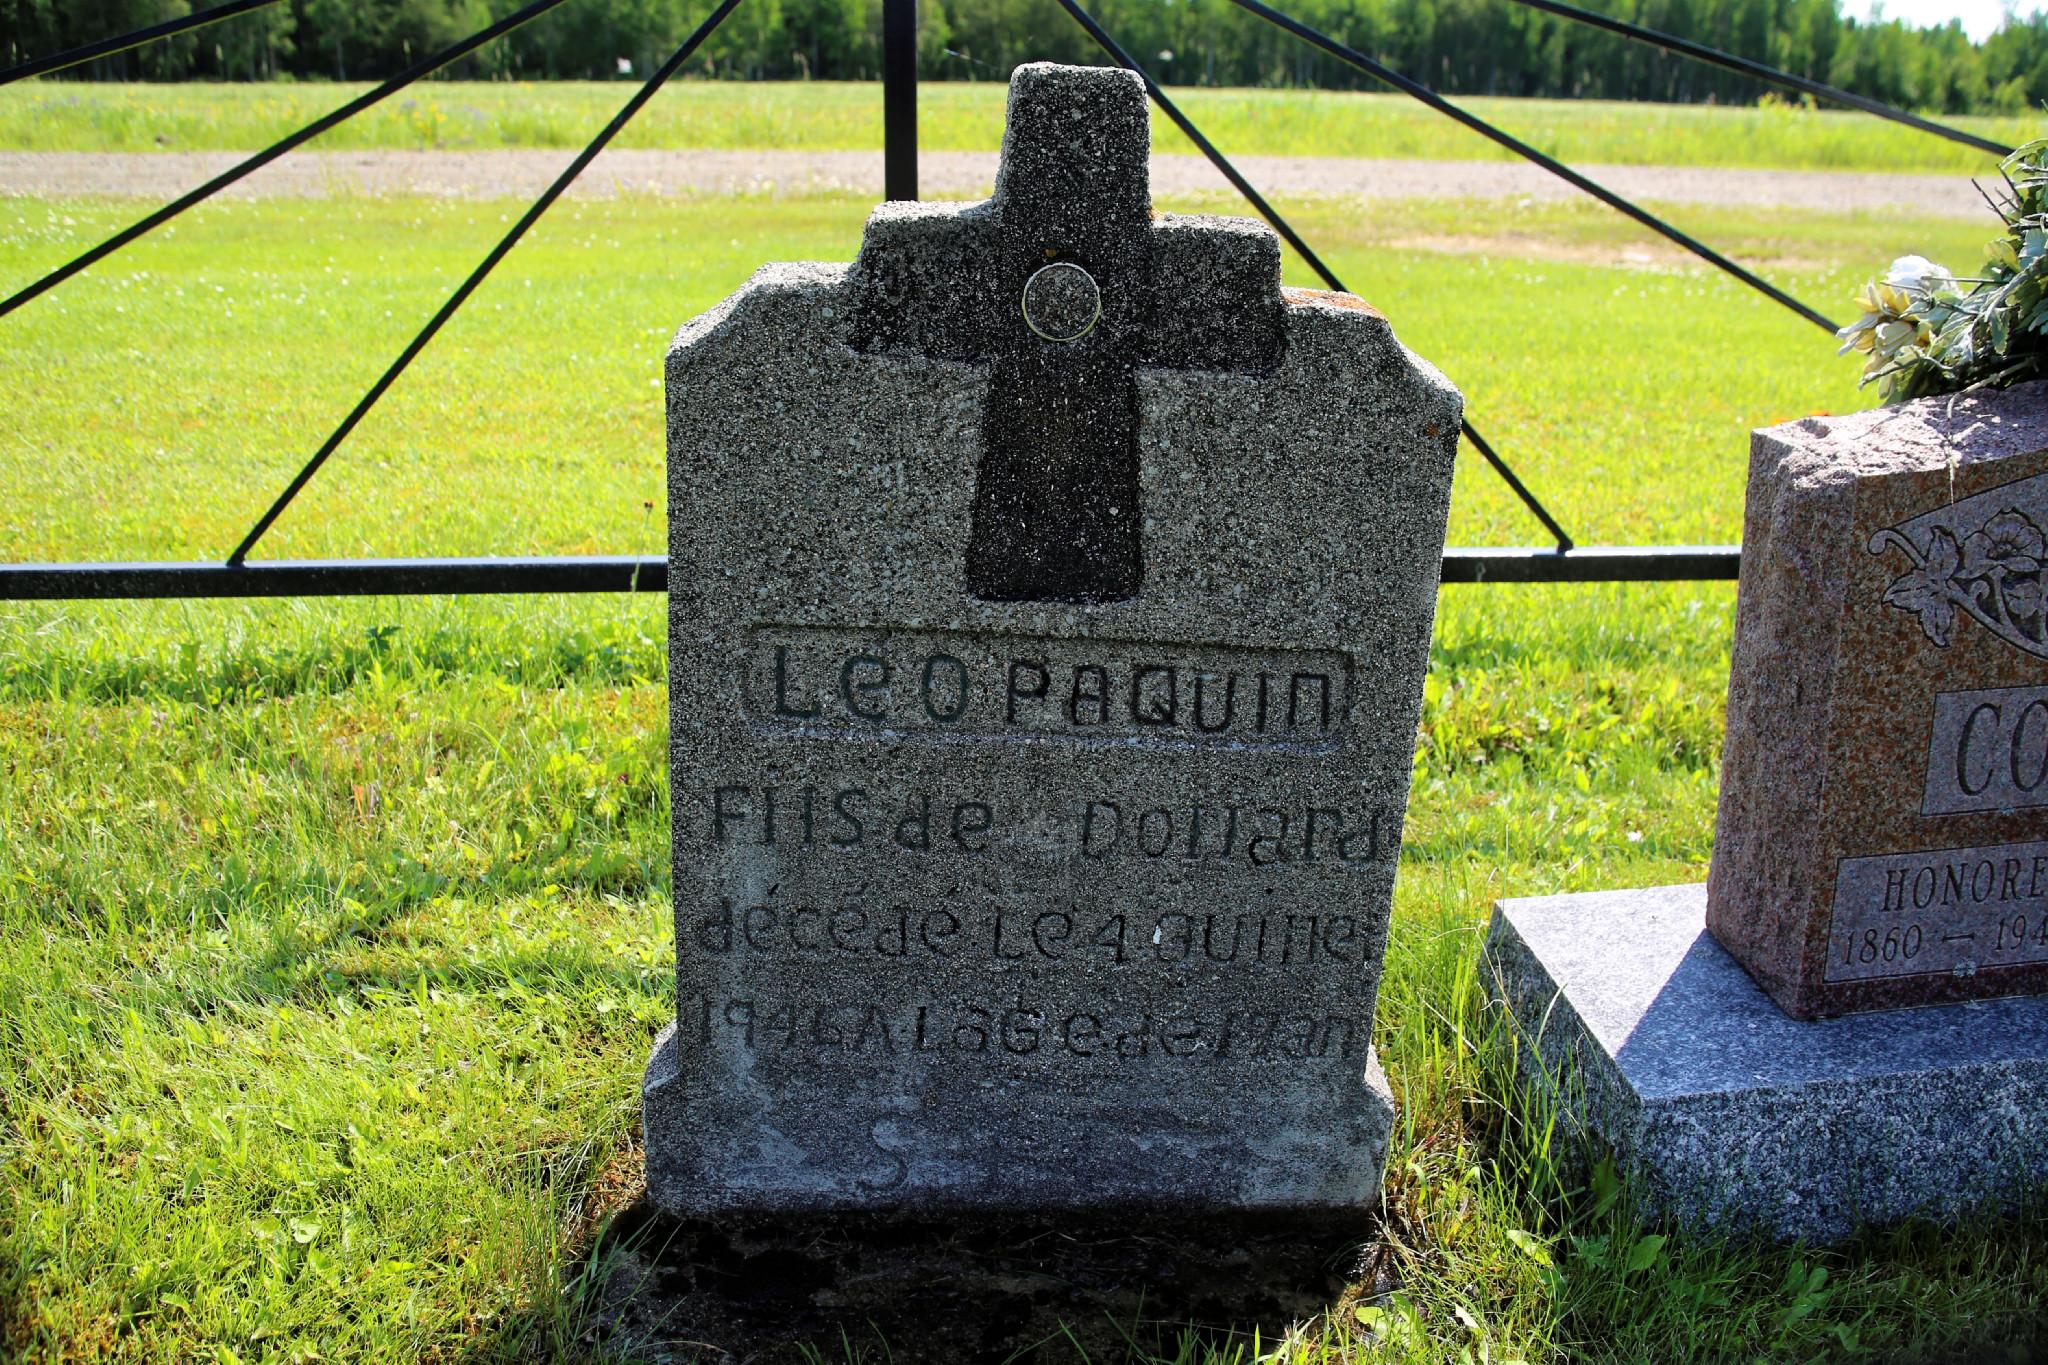 Léo Paquin